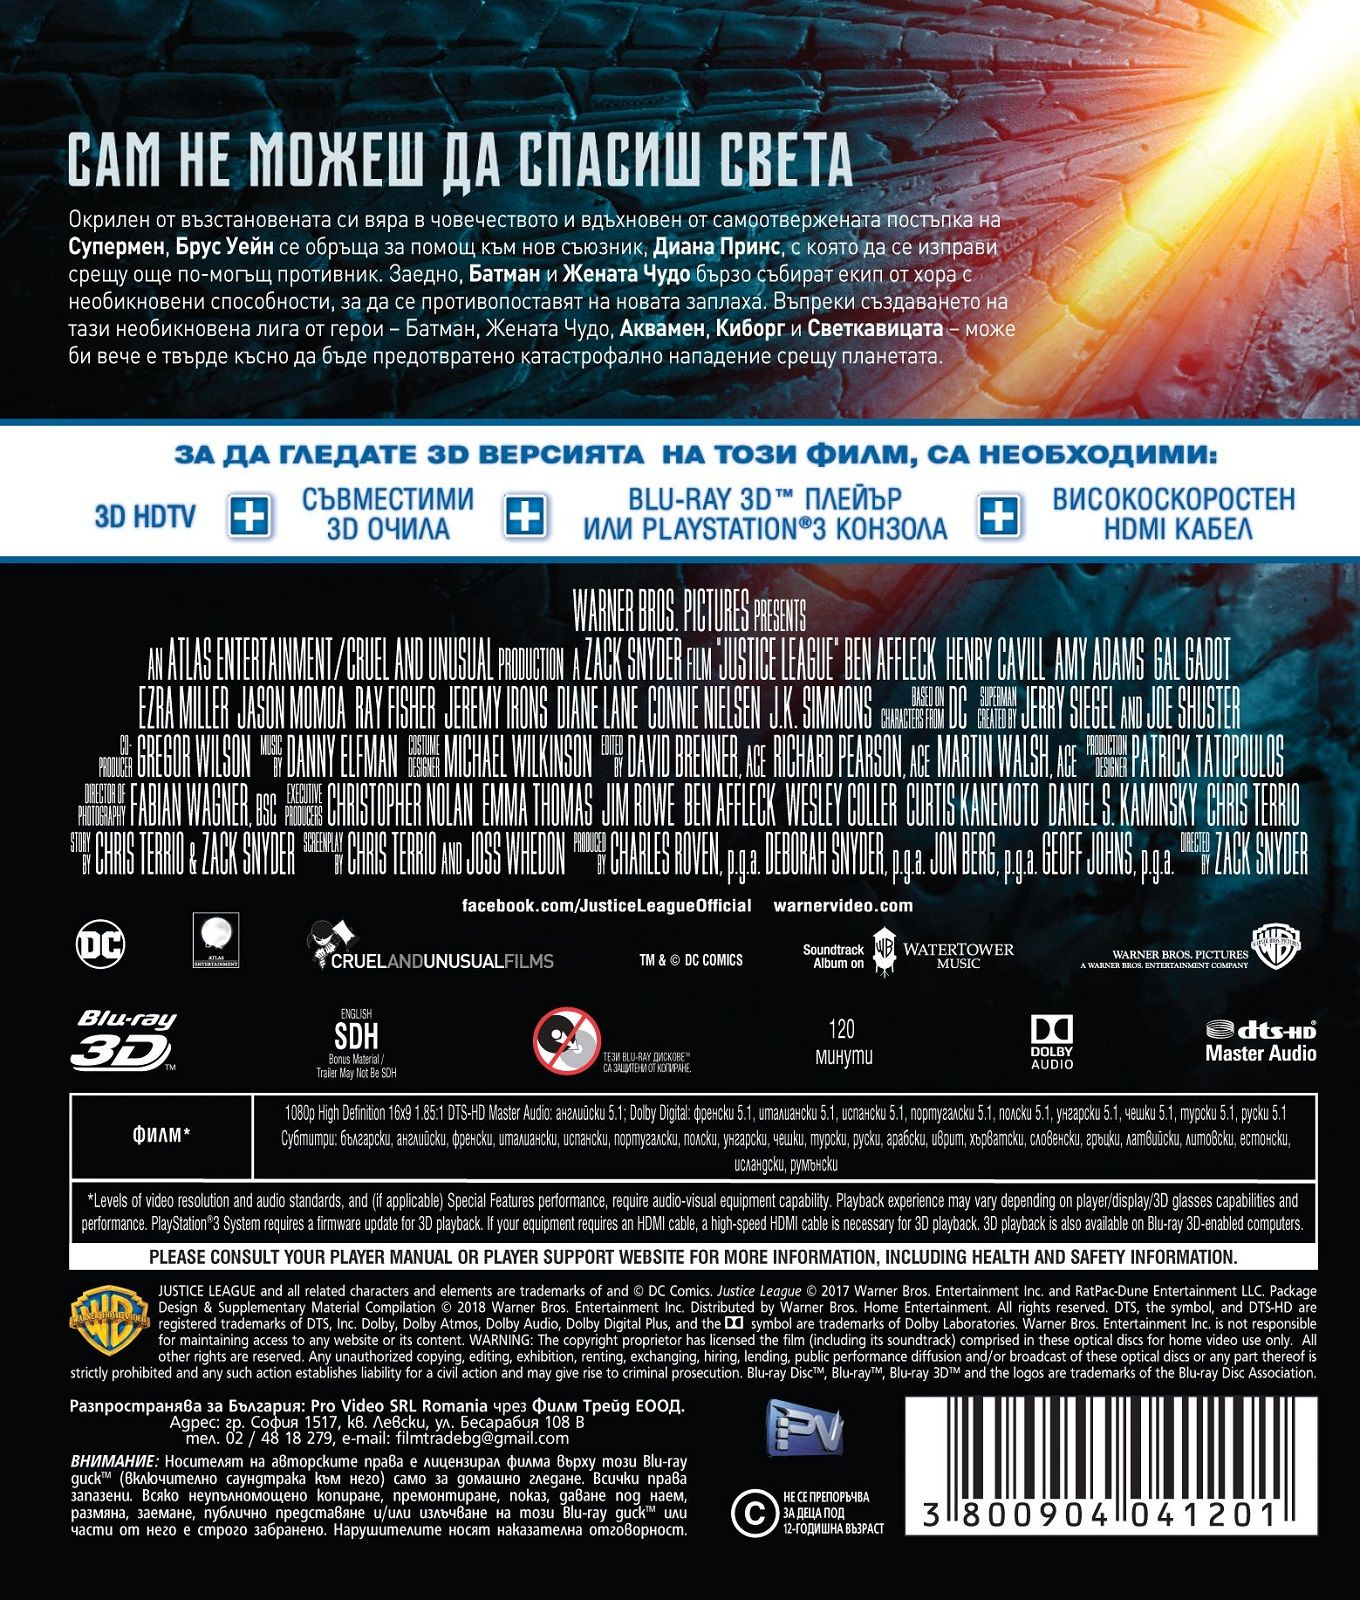 Лигата на справедливостта 3D (Blu-ray) - 2